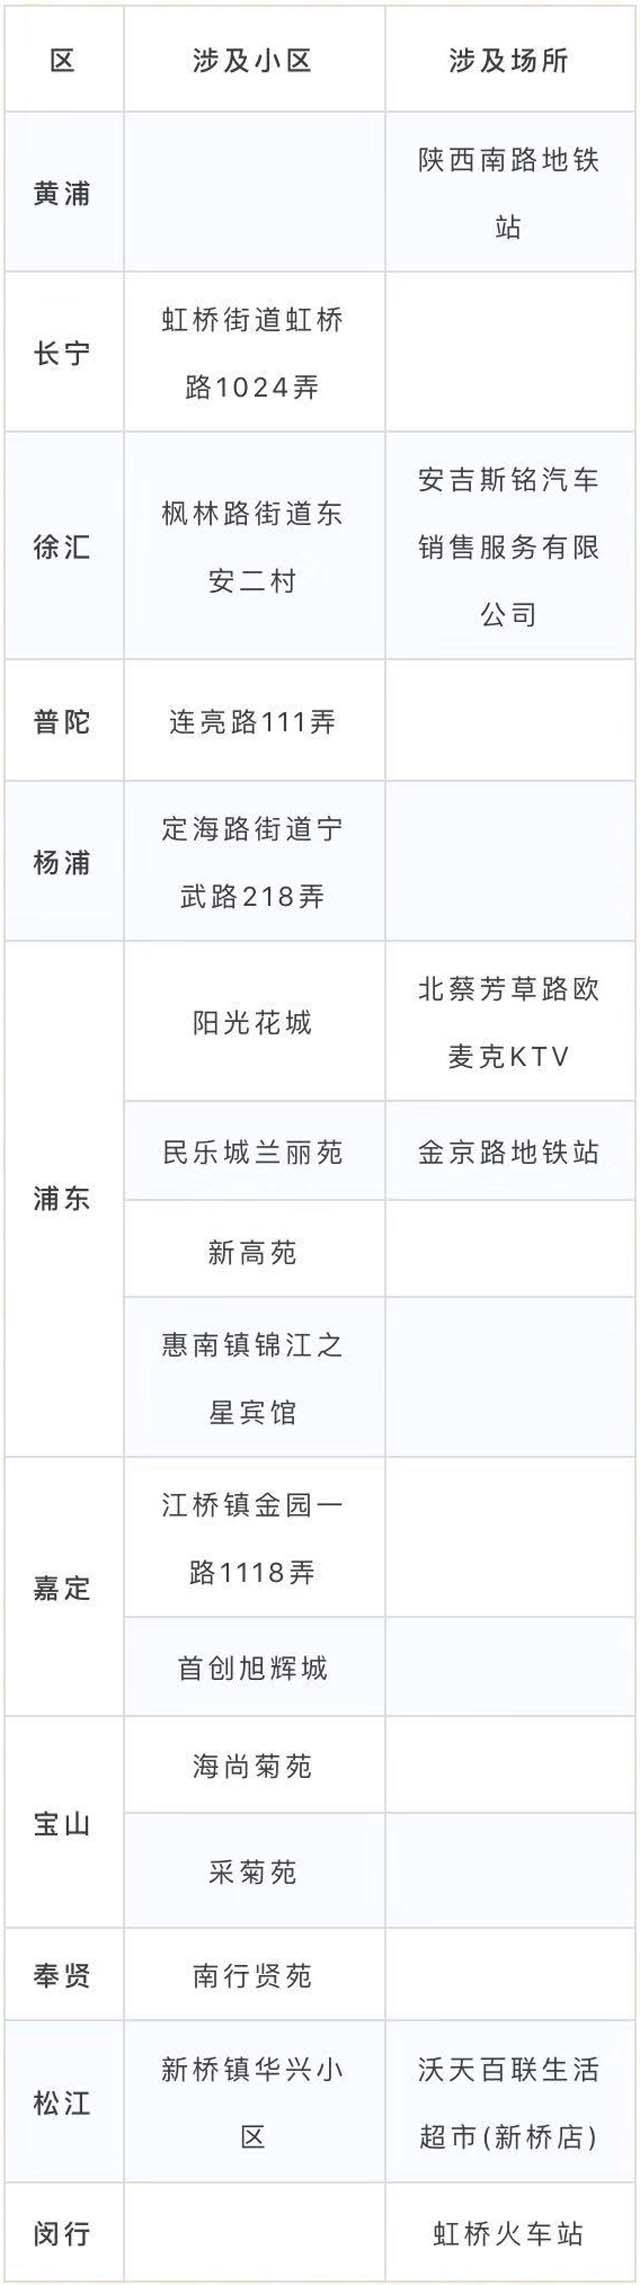 上海私家调查公司 上海昨天在当地增加了1起新案件,中度危险地区+ 1、 -1